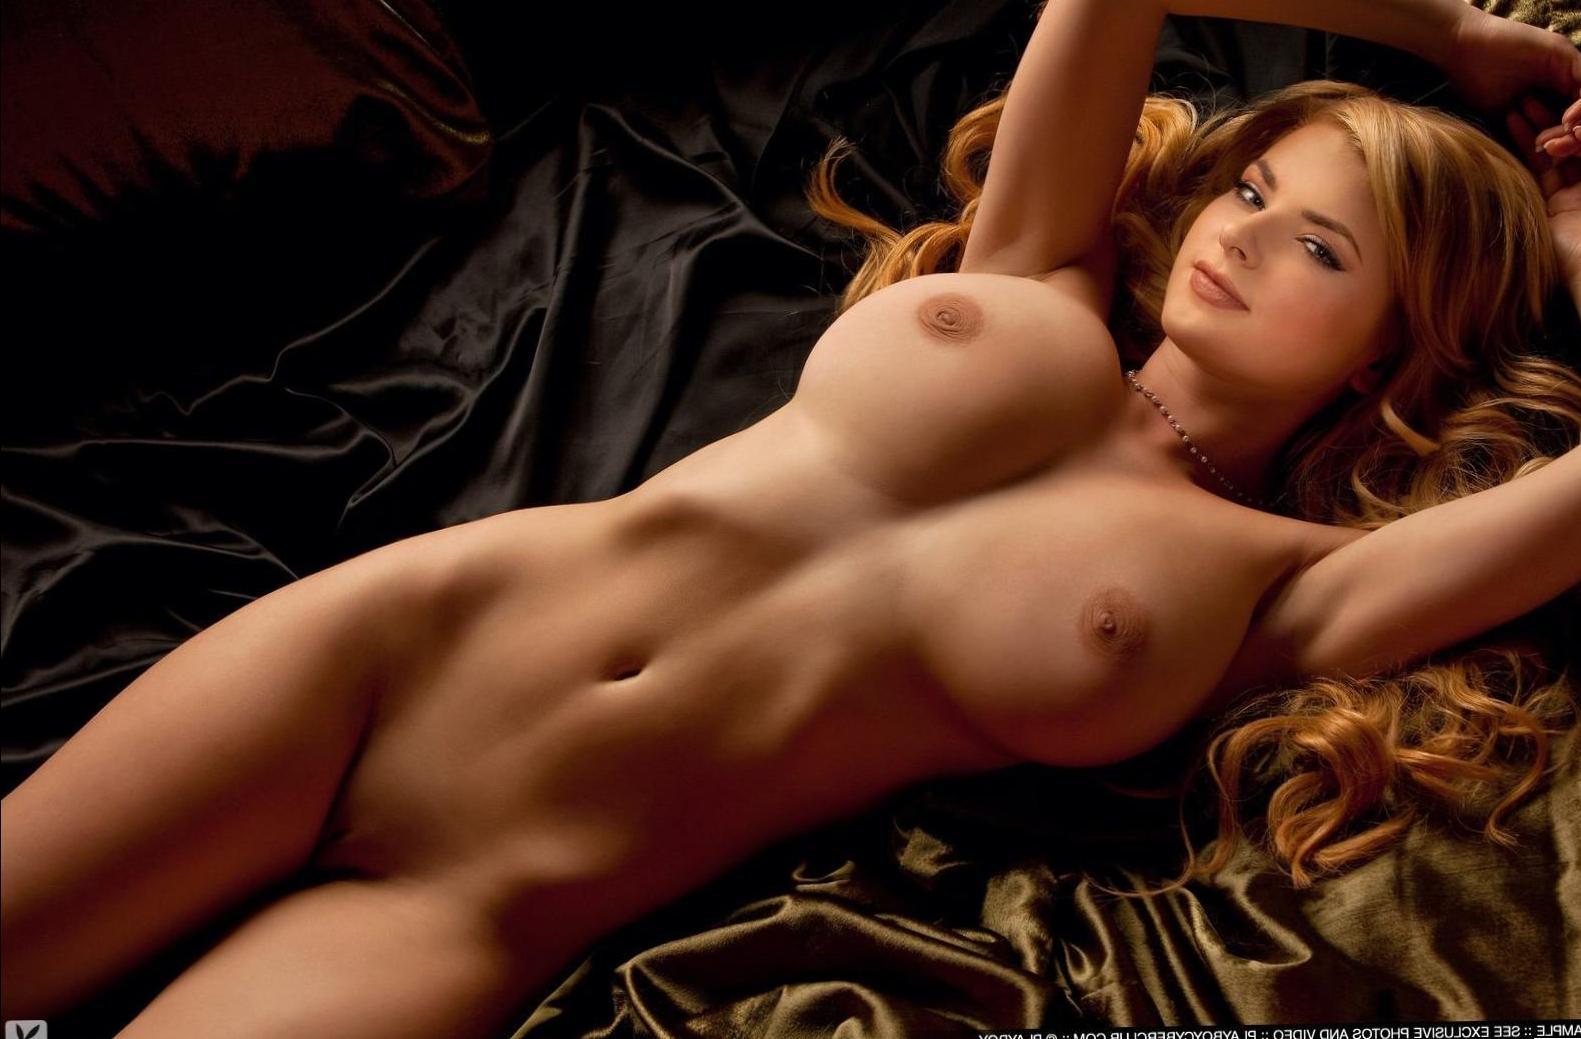 Плейбой фото  Фото эротика  порно и камасутра